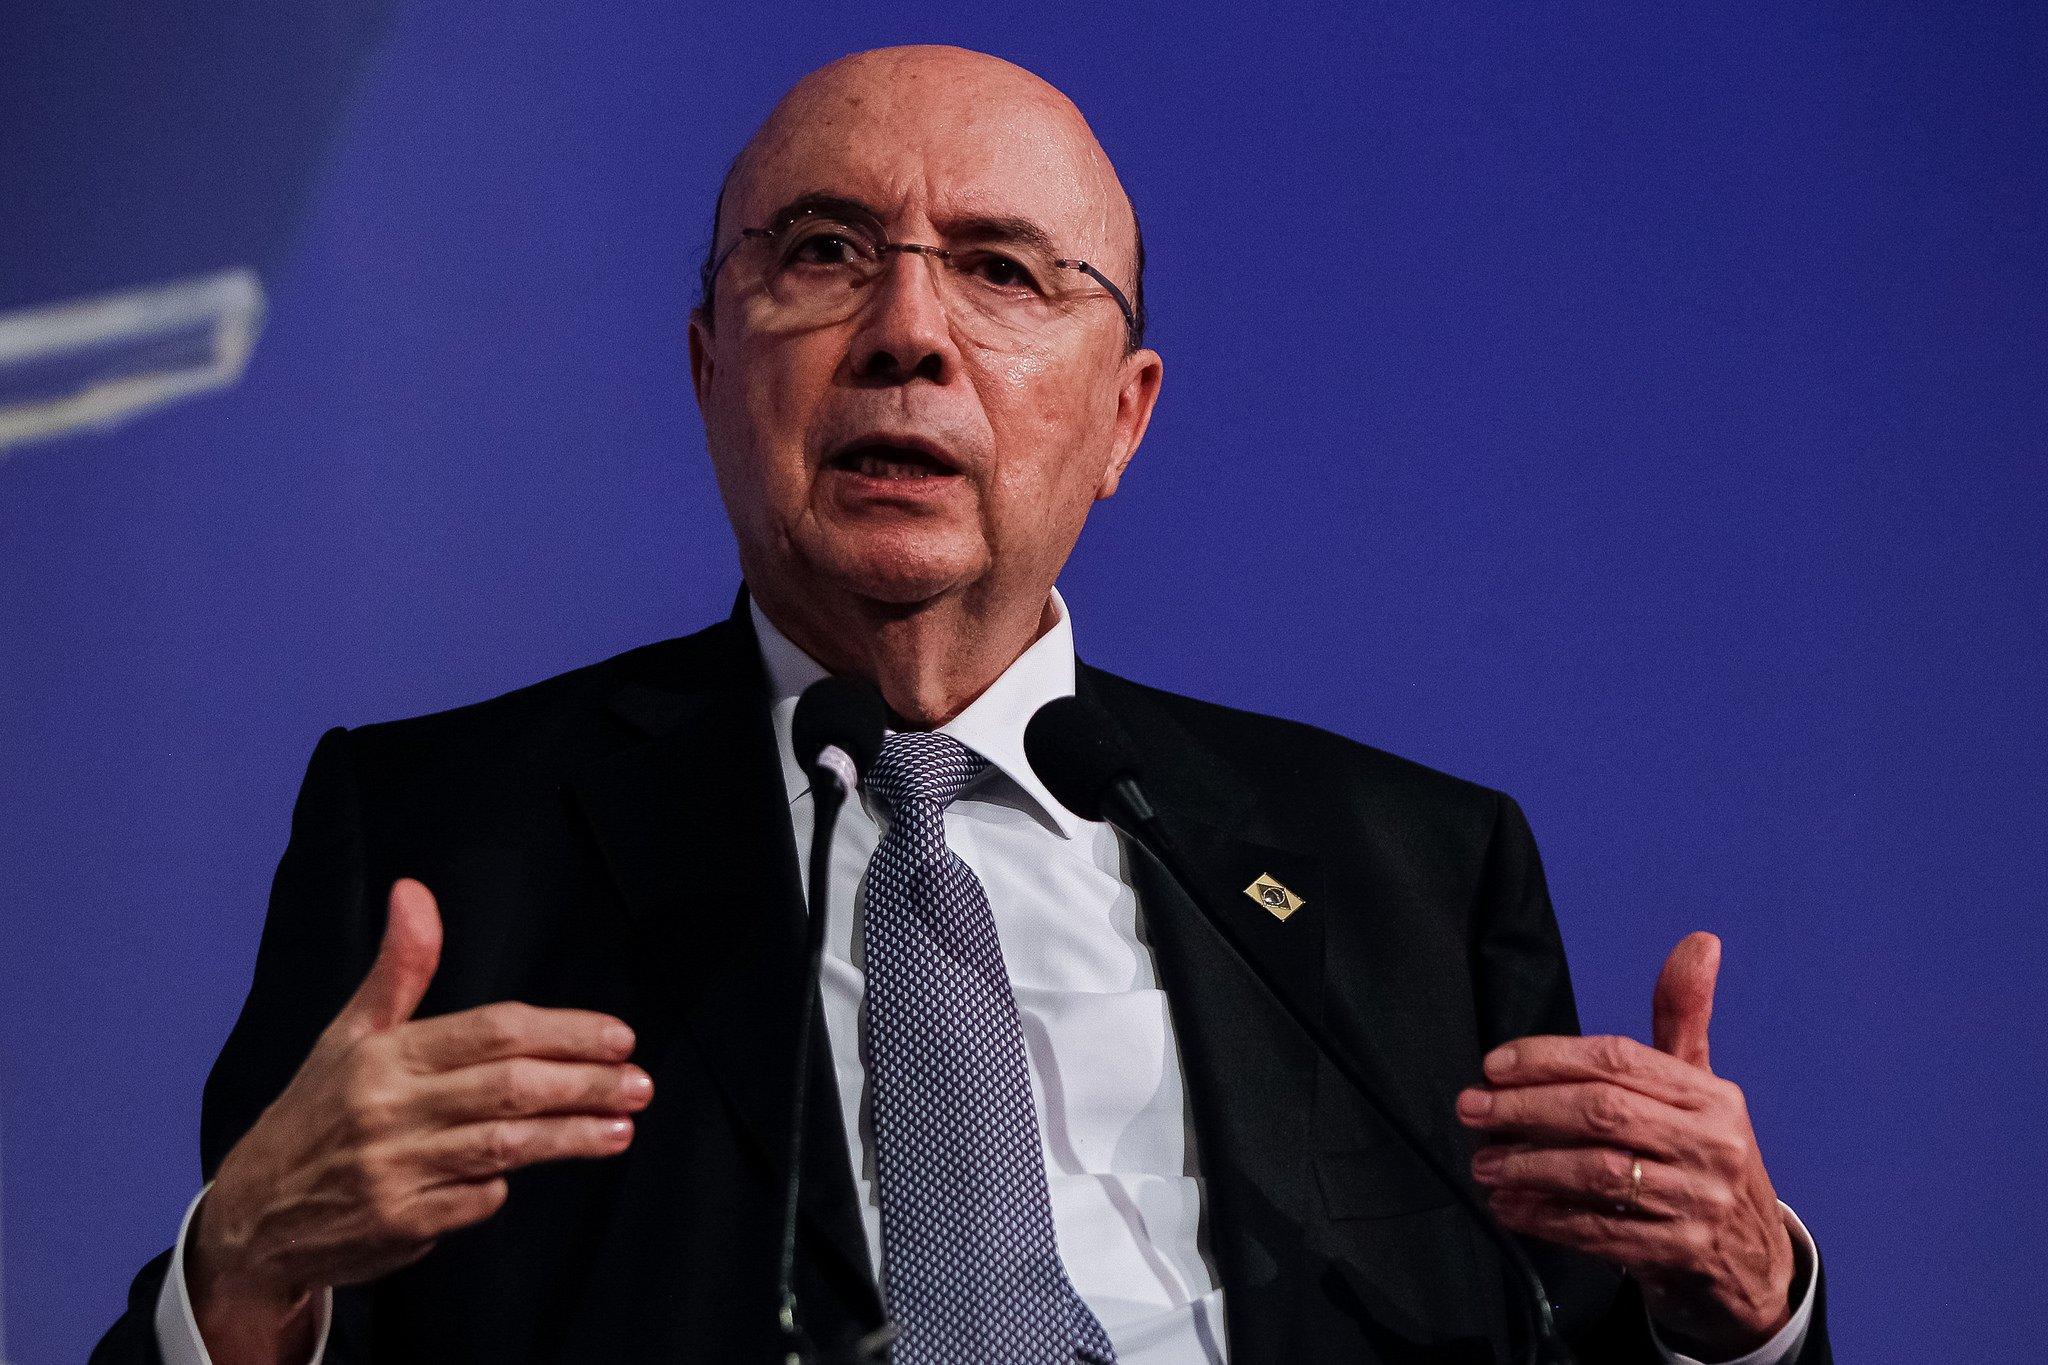 O ex-ministro da Fazenda Henrique Meirelles quer disputar a Presidência: em pesquisa, tem 1% das intenções de voto